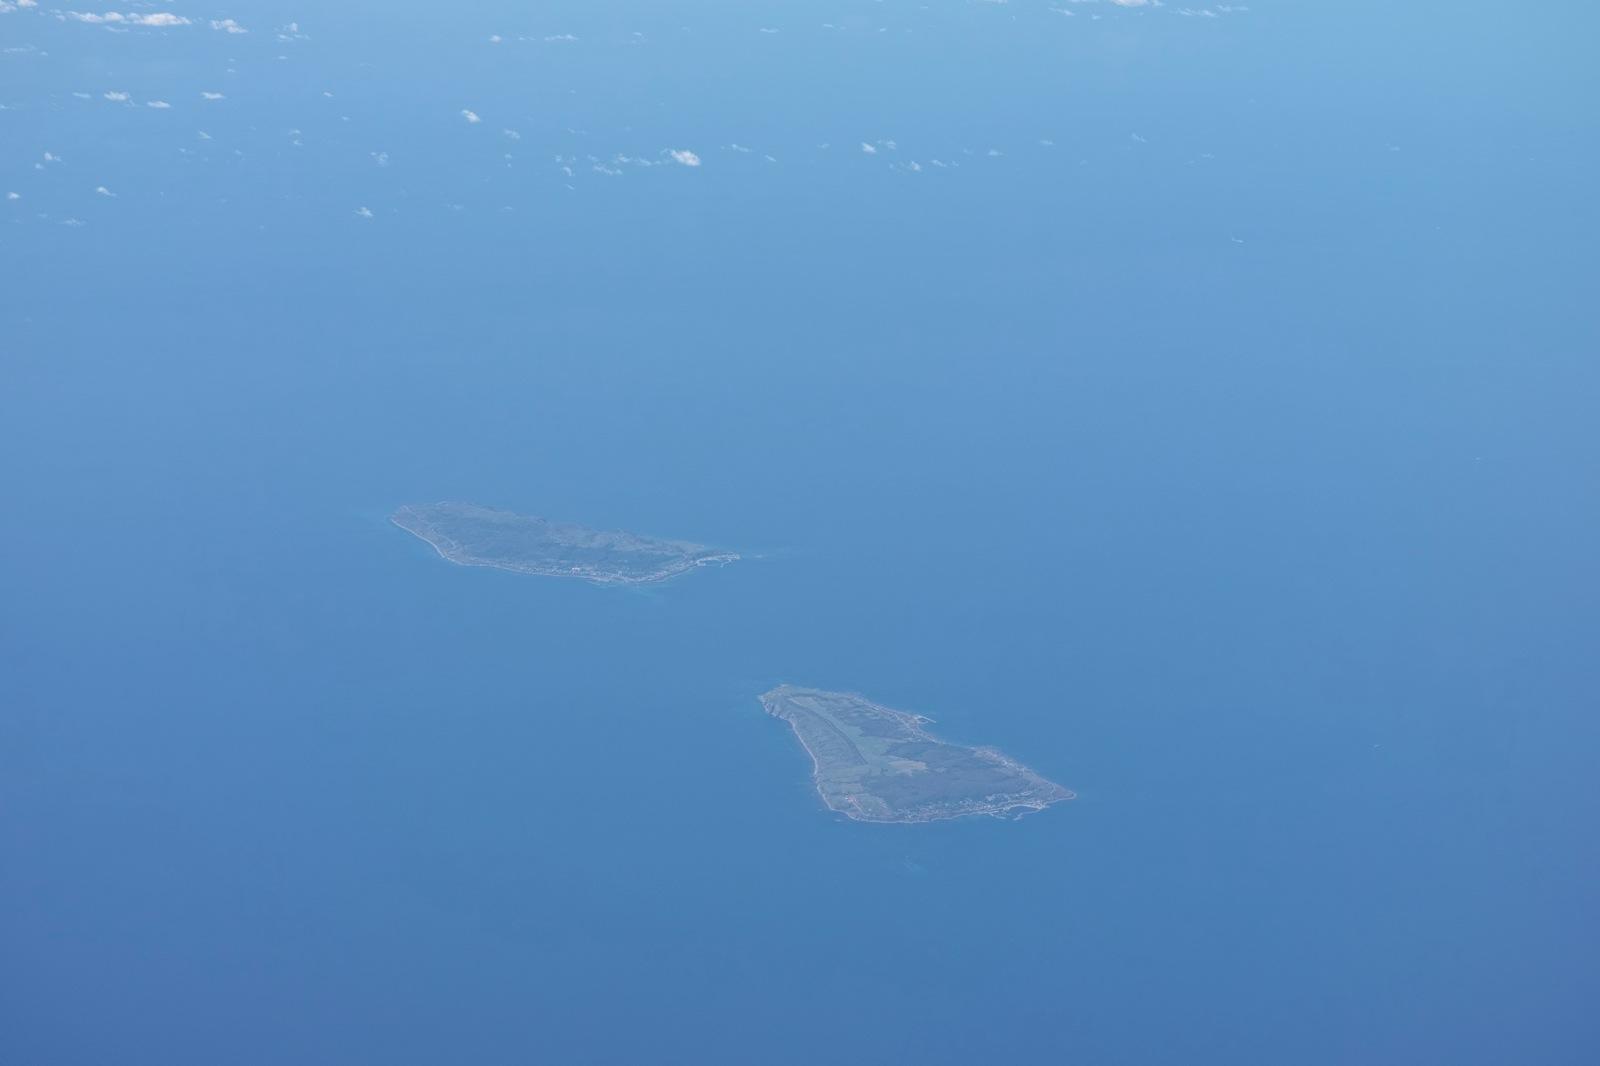 飛行機からの眺め_d0133581_114961.jpg